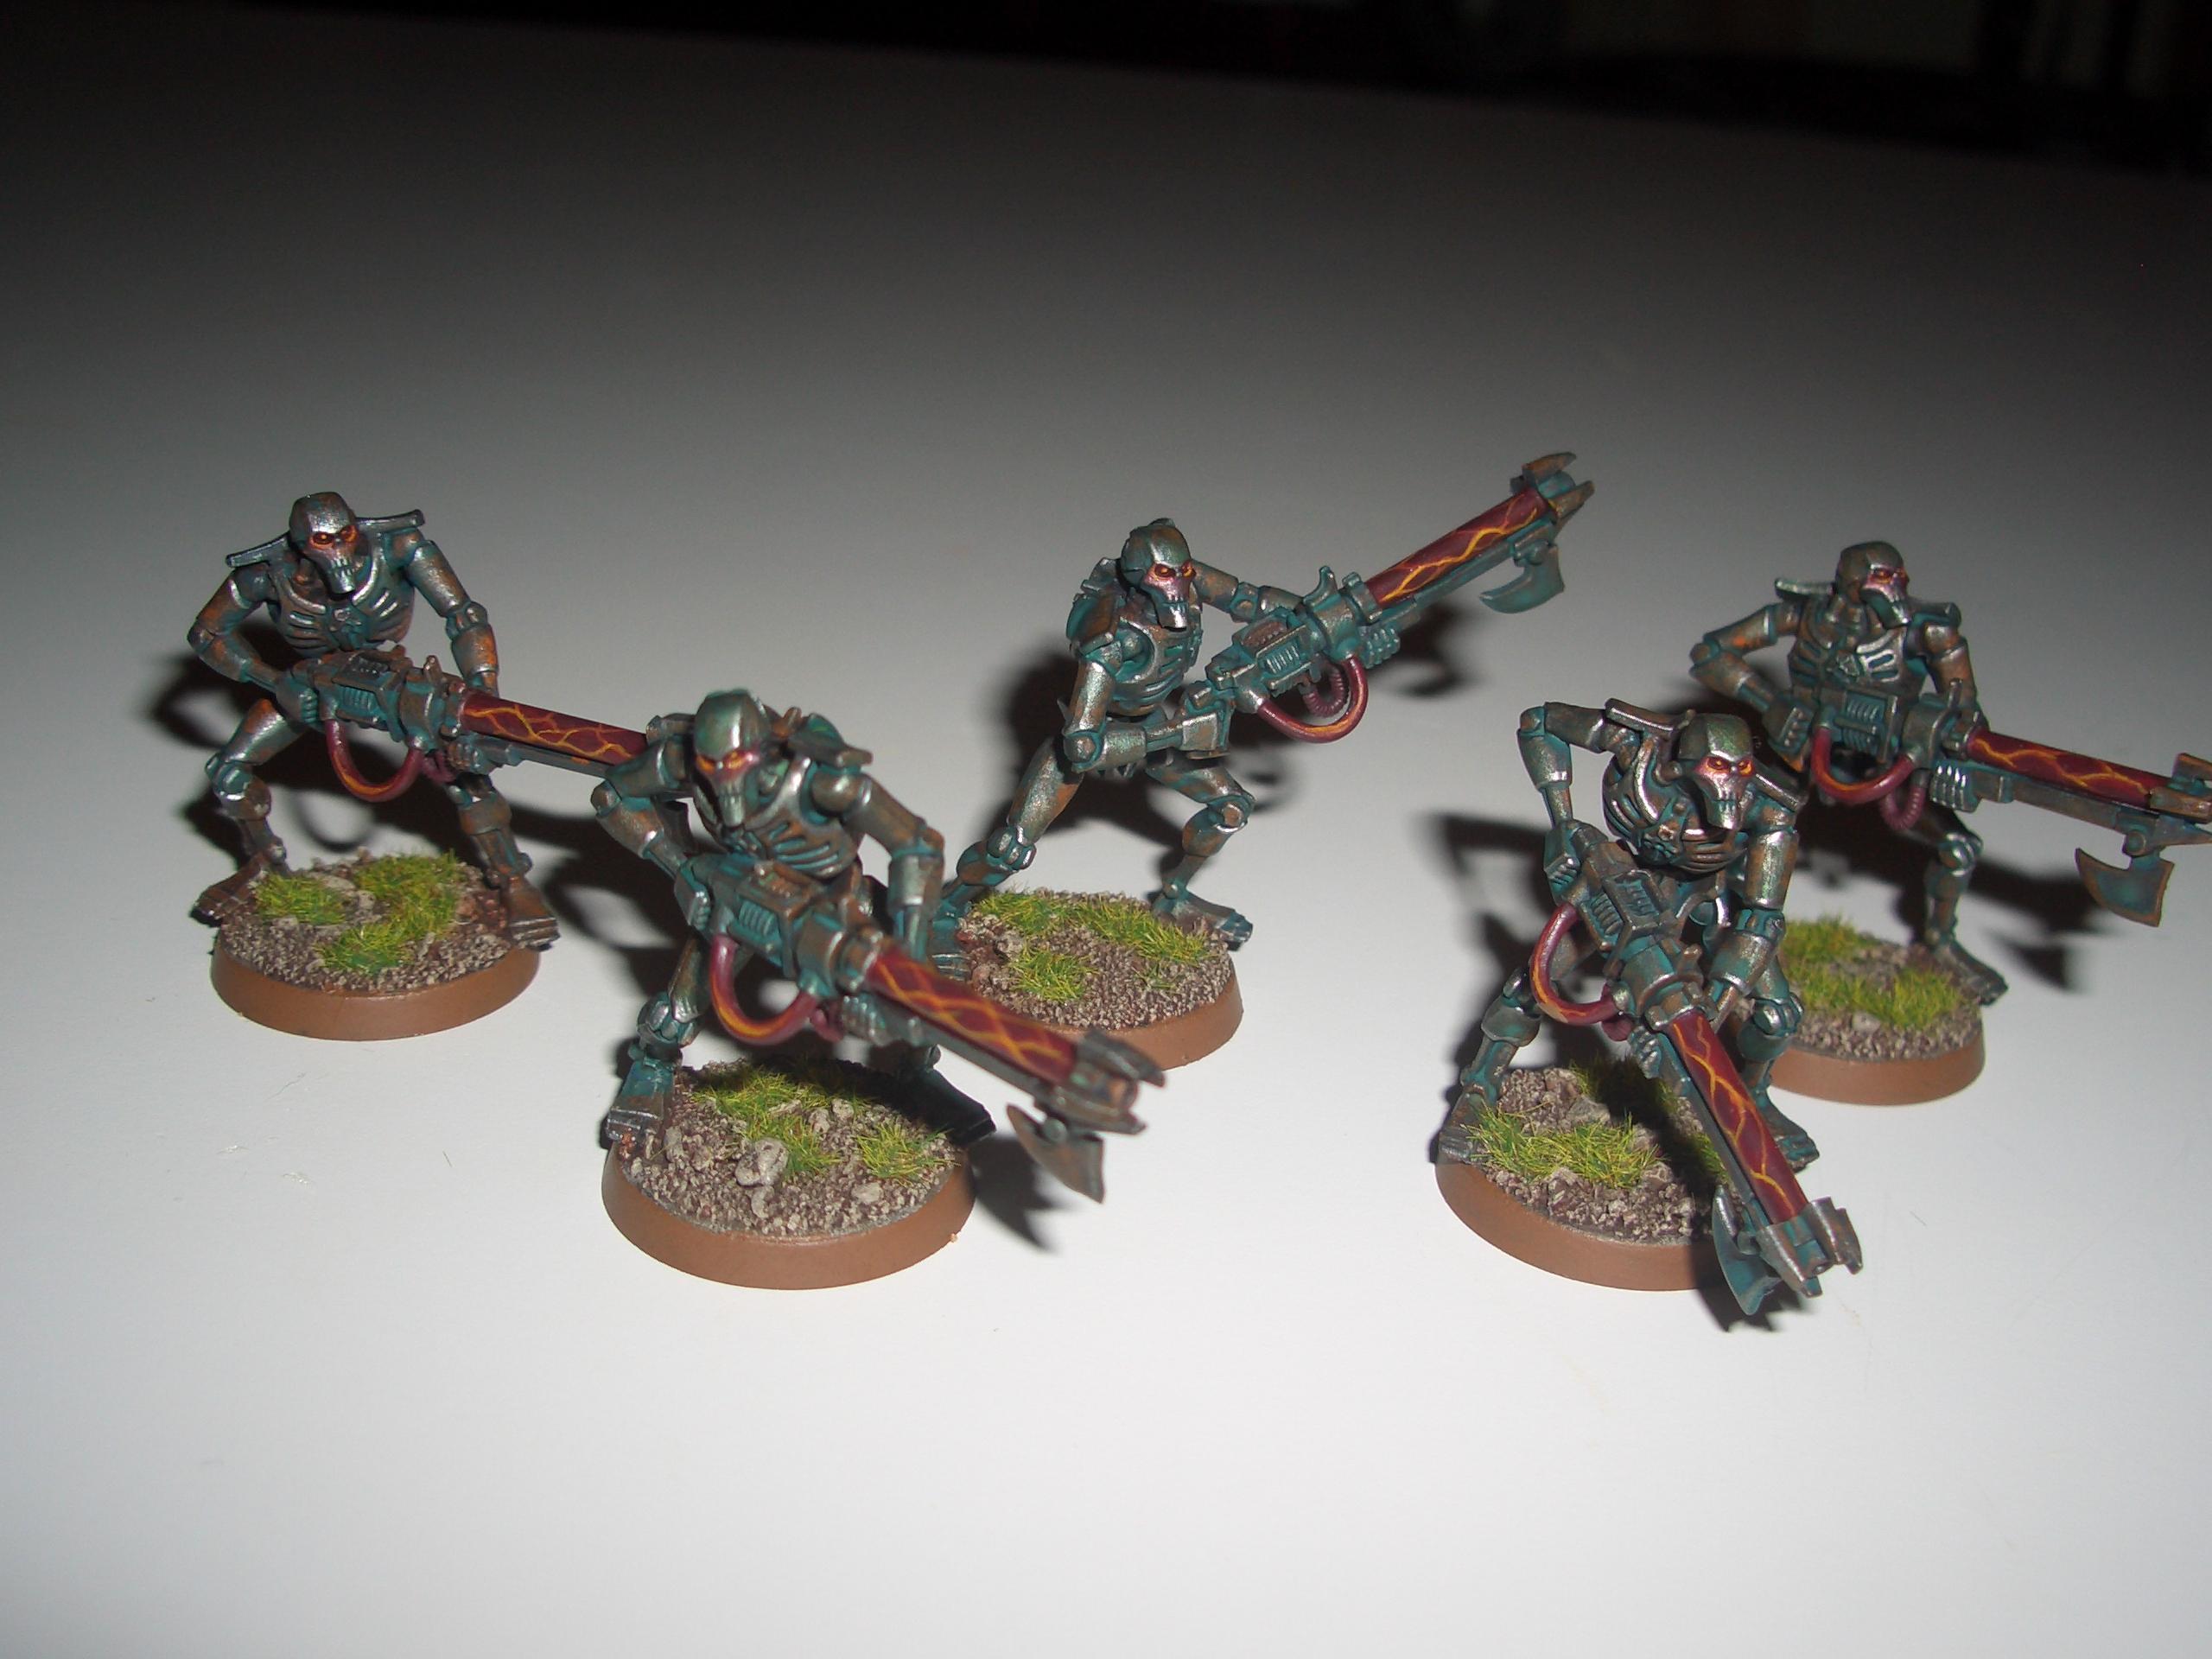 Necron Warriors, Necrons, Verdigris, Warhammer 40,000